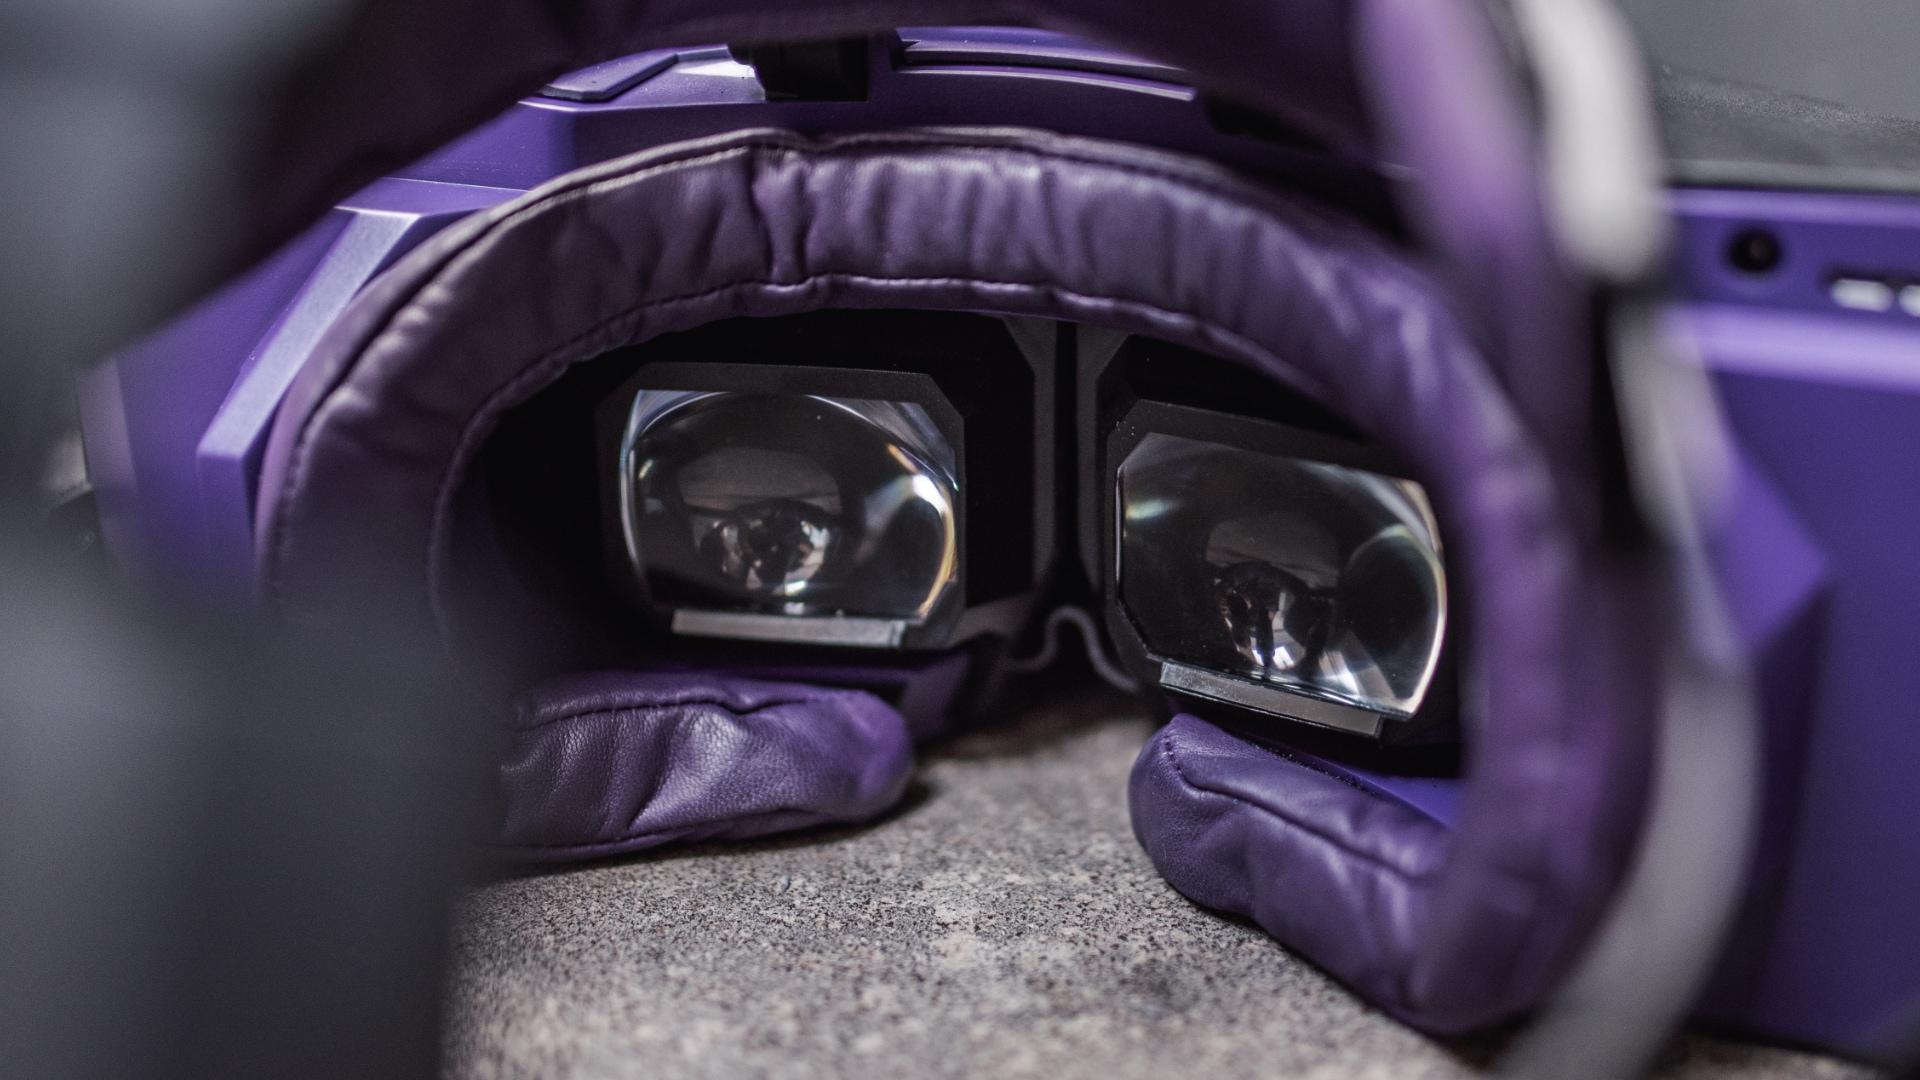 Čočky VR brýlí XTAL od VRgineers